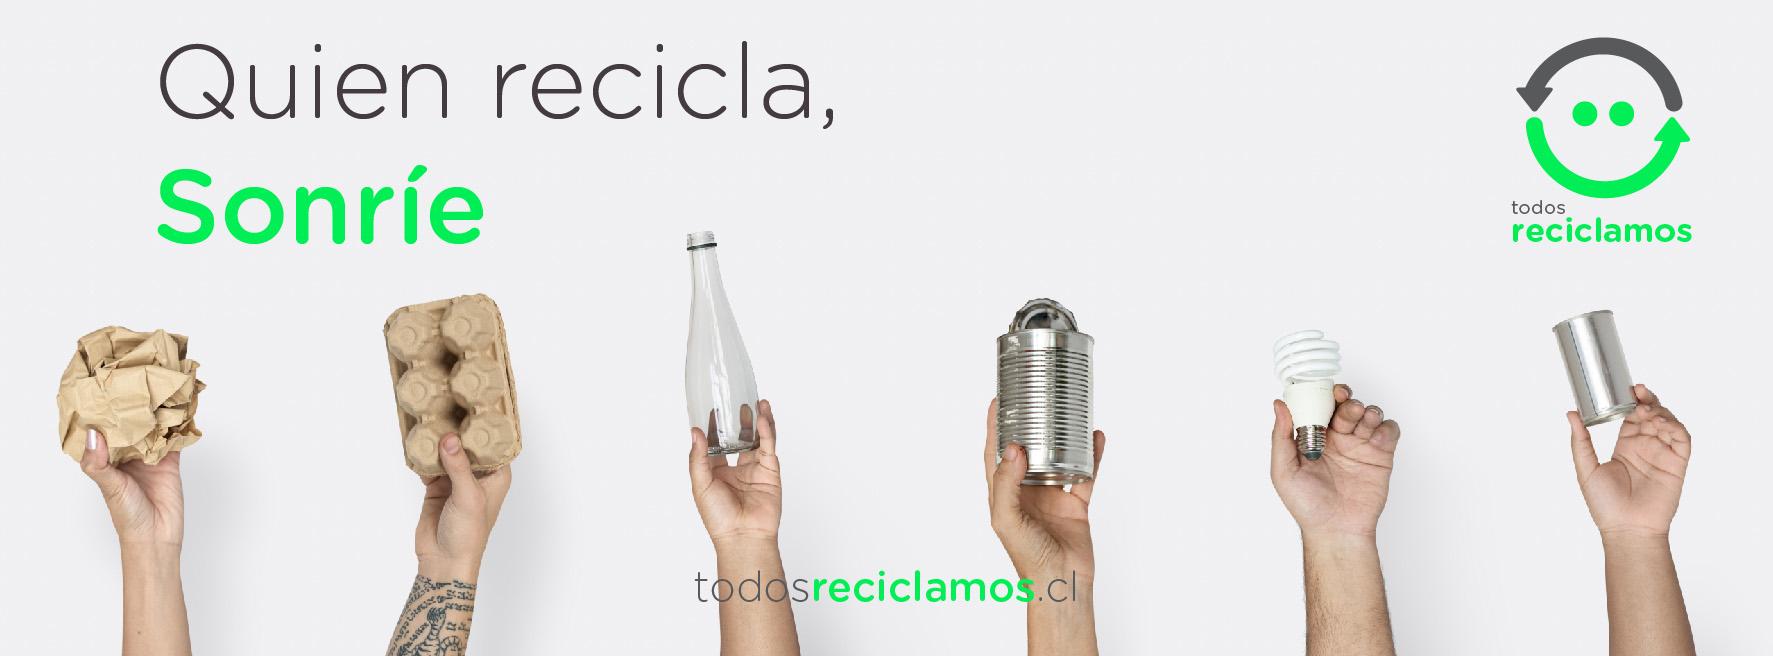 Marca TodosReciclamos, para directorio Dancaru.com